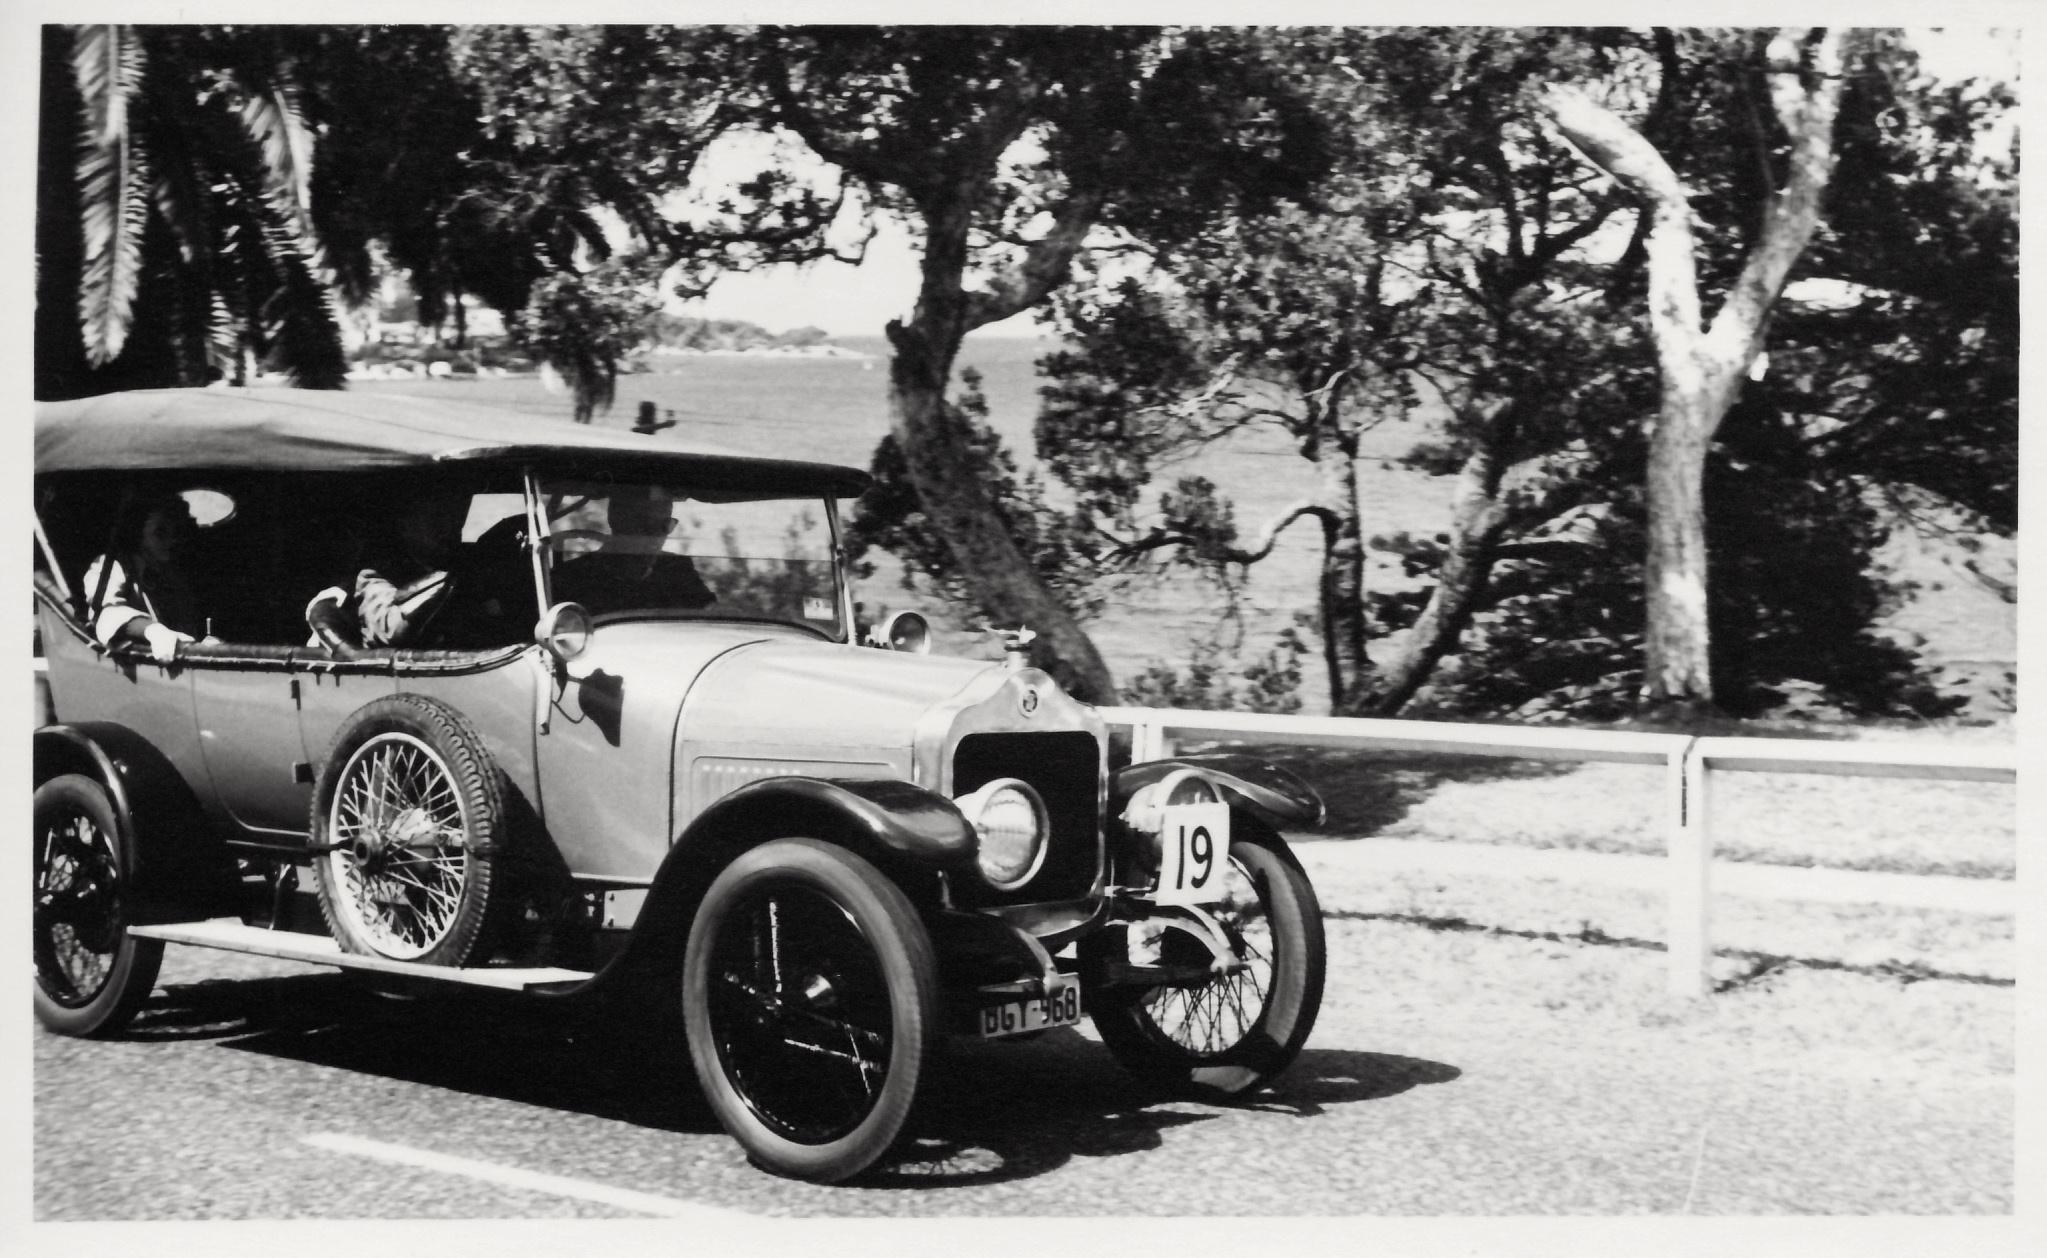 #19 1913 Minerva